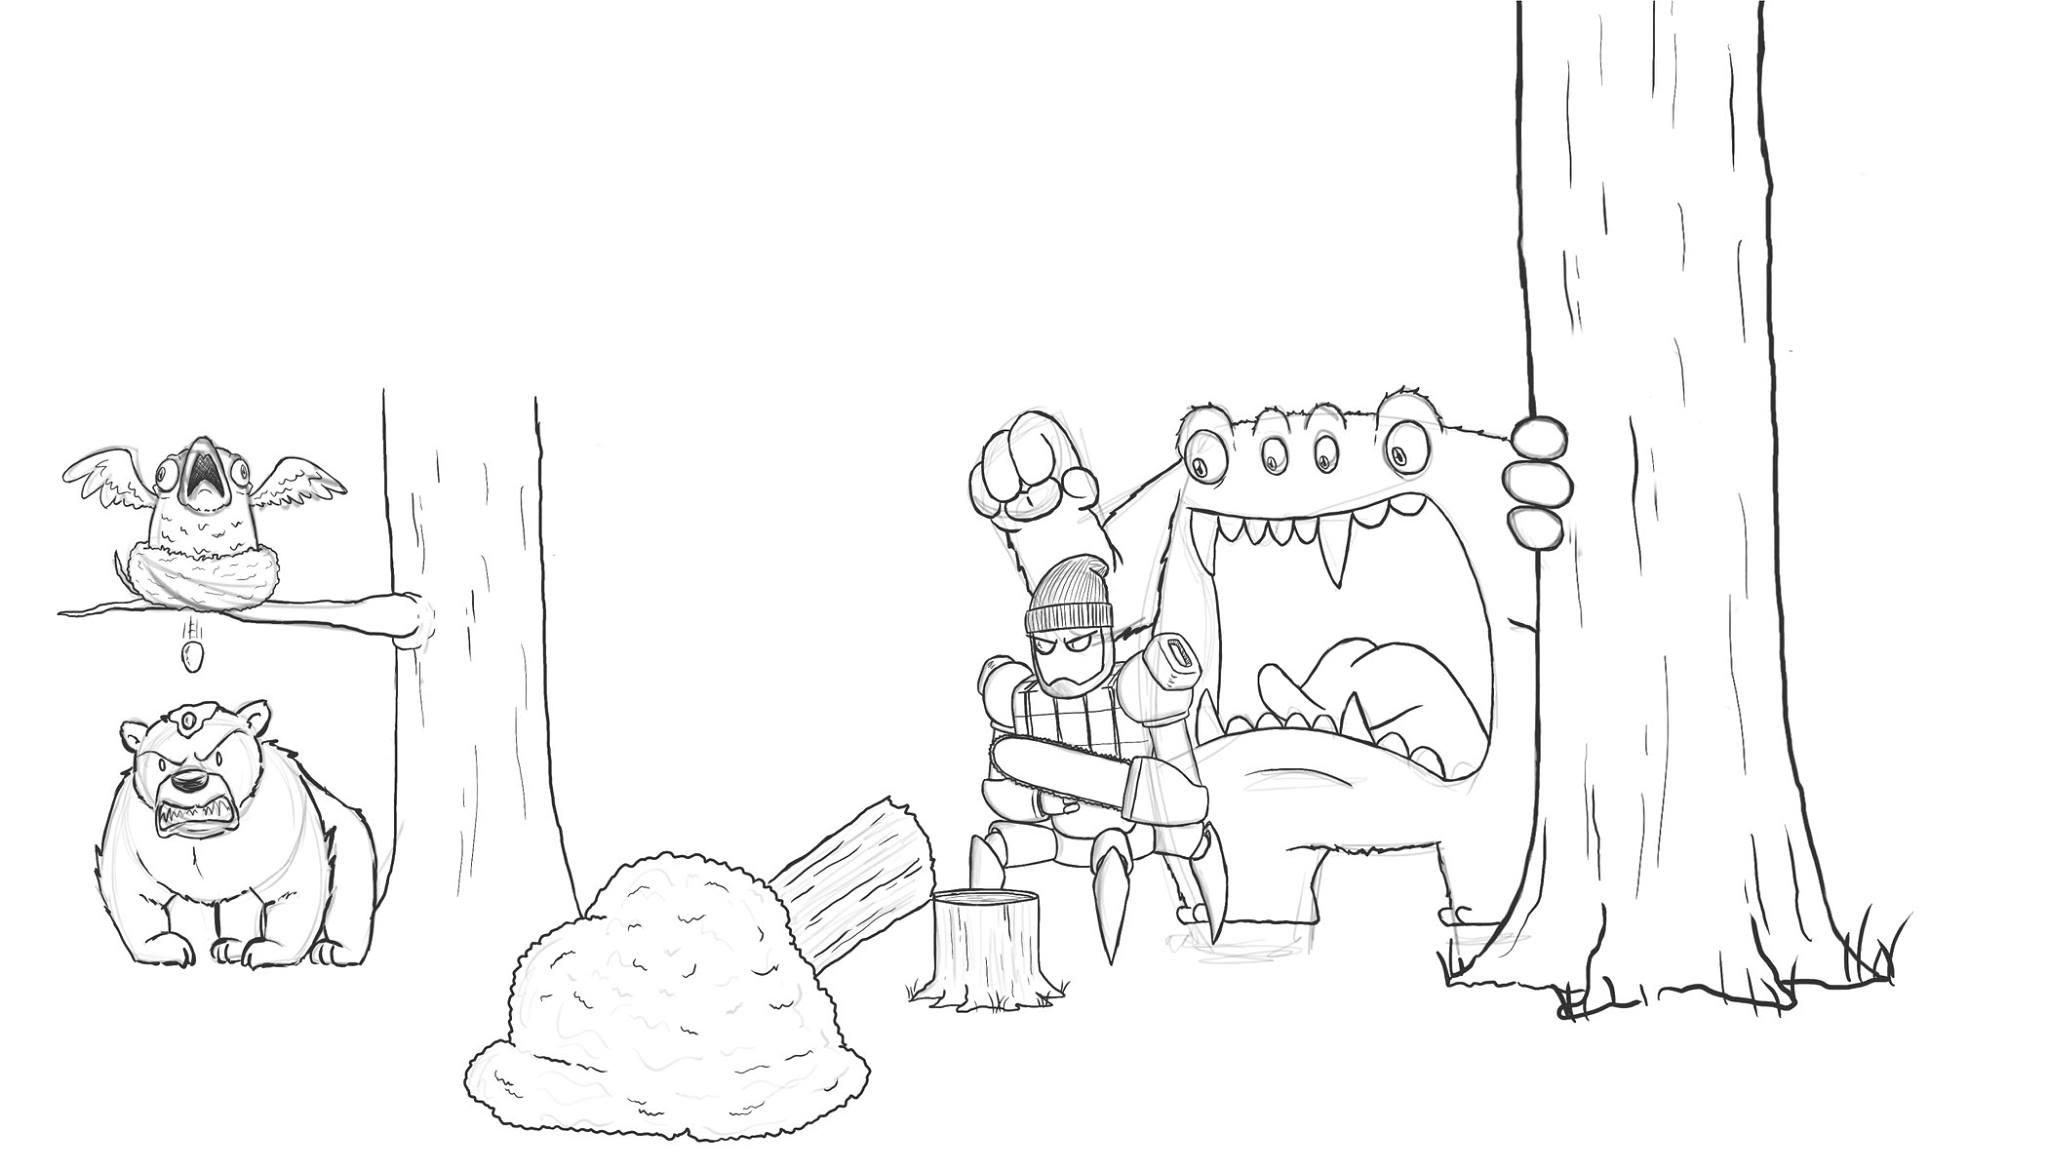 Artista passa um mes acrescentando um personagem por dia em seu desenho 5